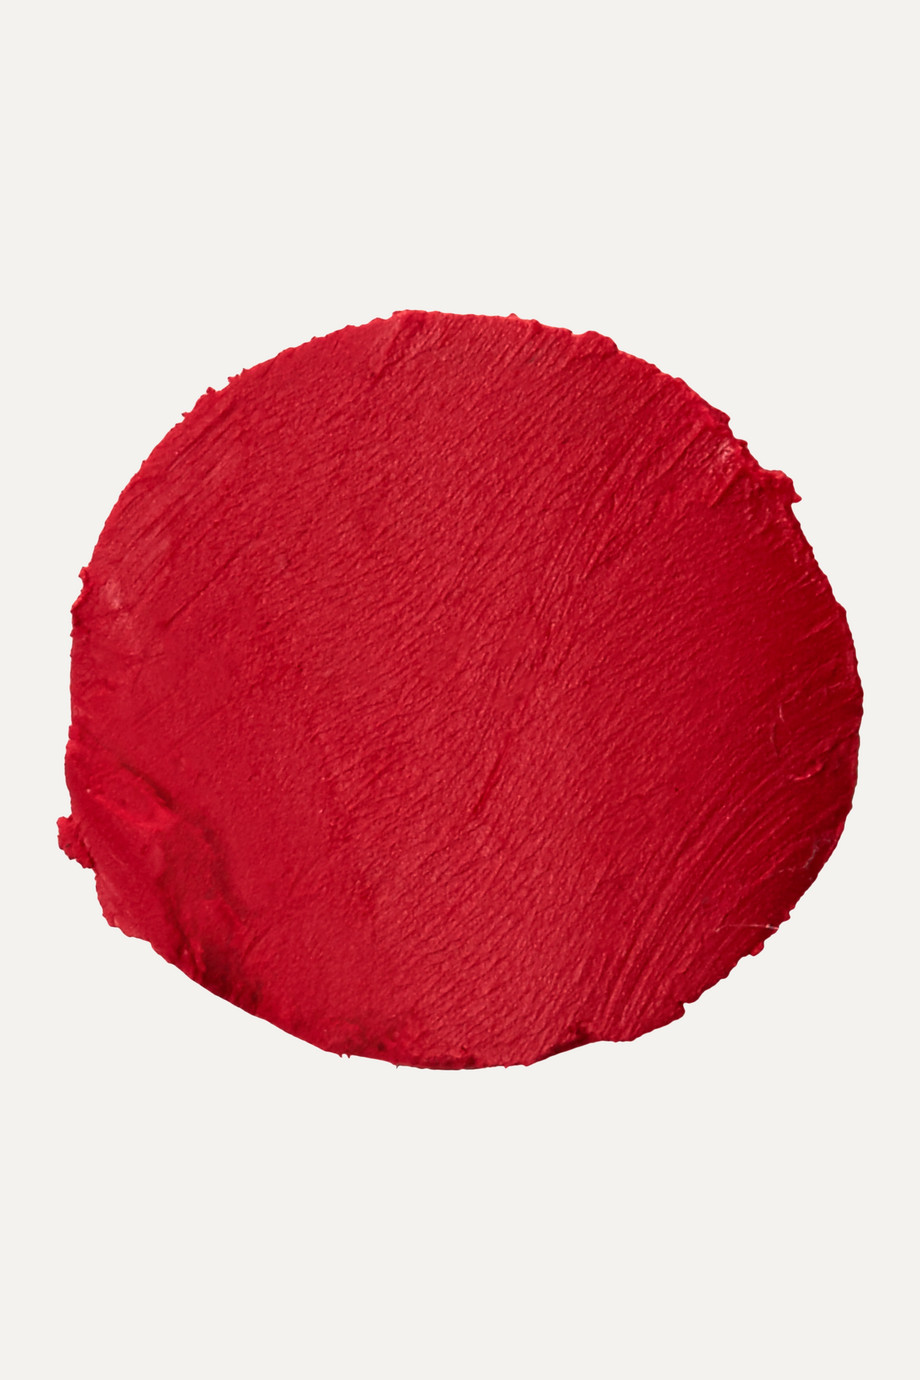 Code8 + Emilia Wickstead Matte Velour Lipstick - Spring '20